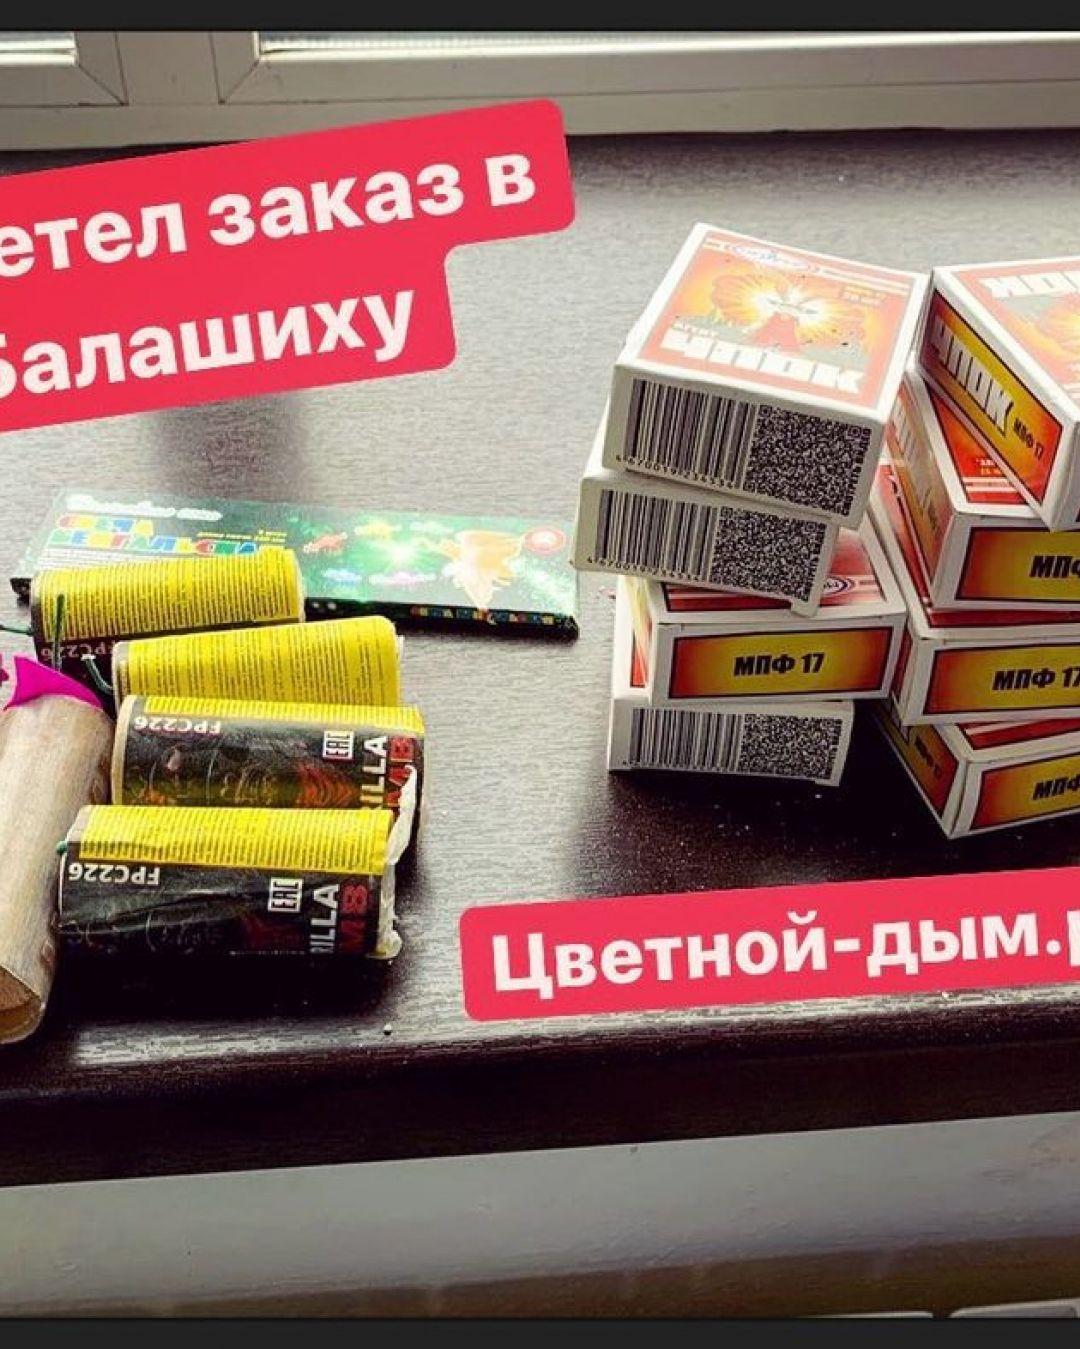 Петарды отправка - Цветной-дым.рф отзывы